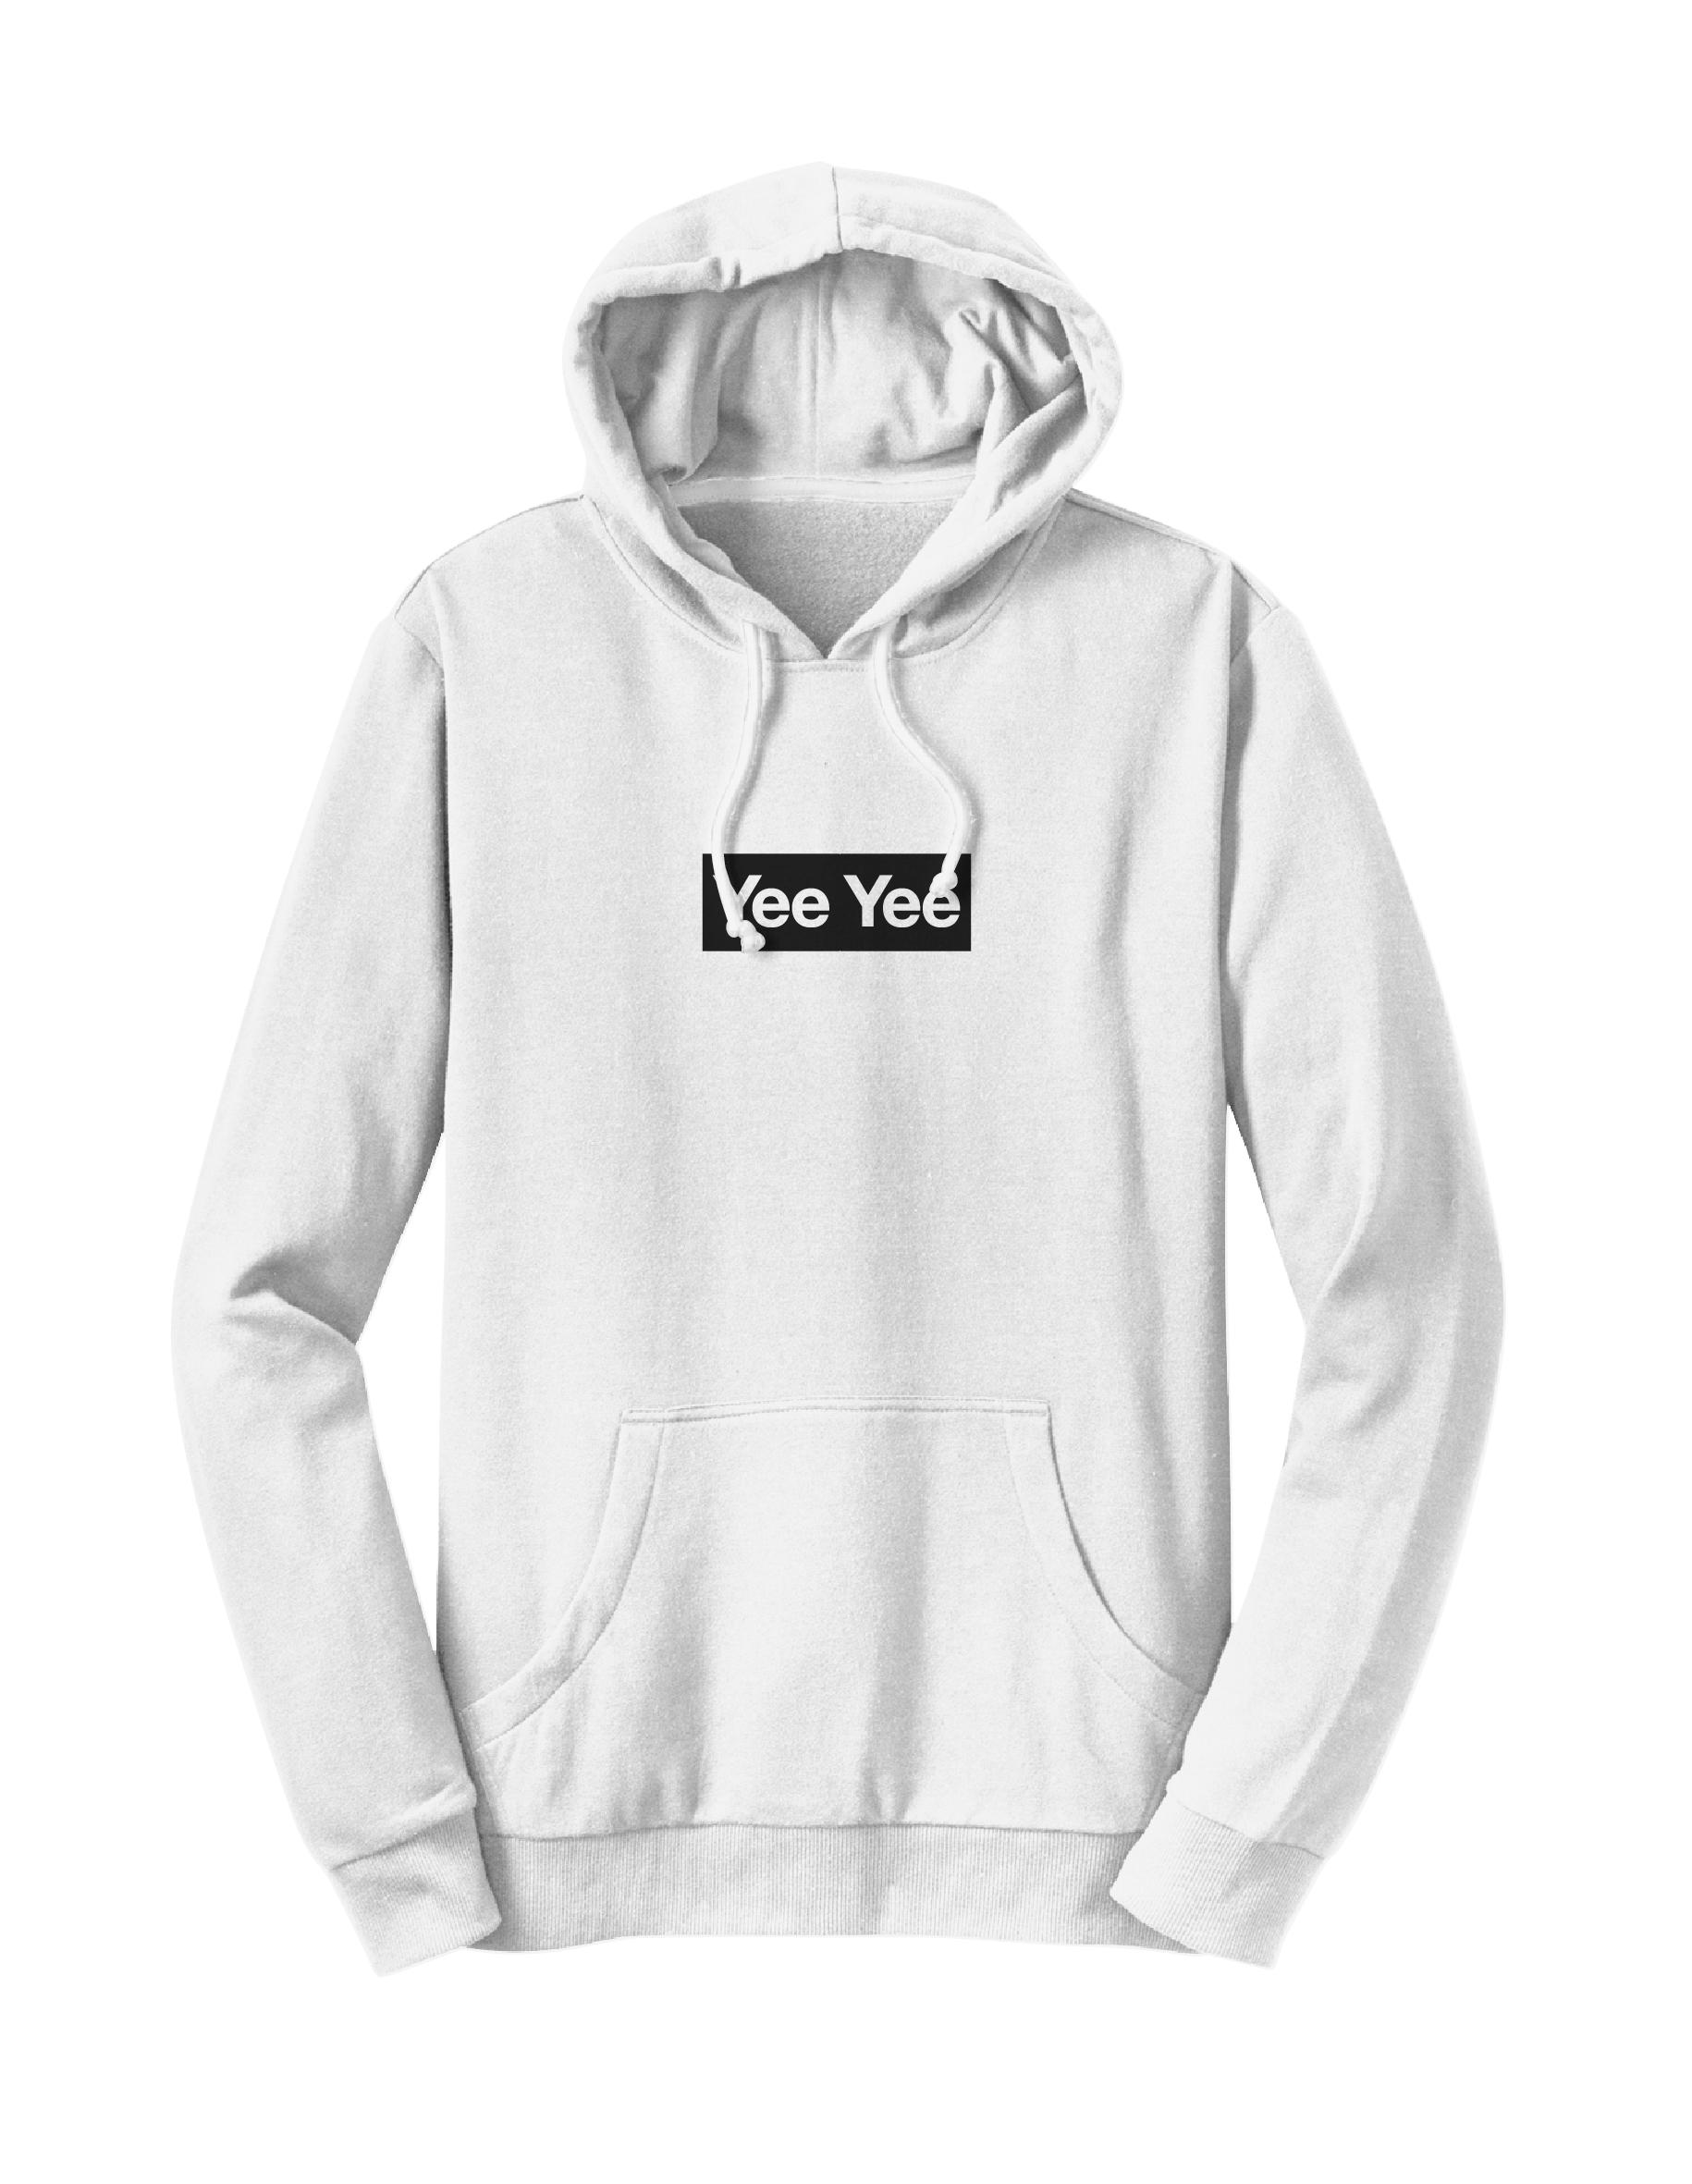 Yee Yee Exclusive Hoodie